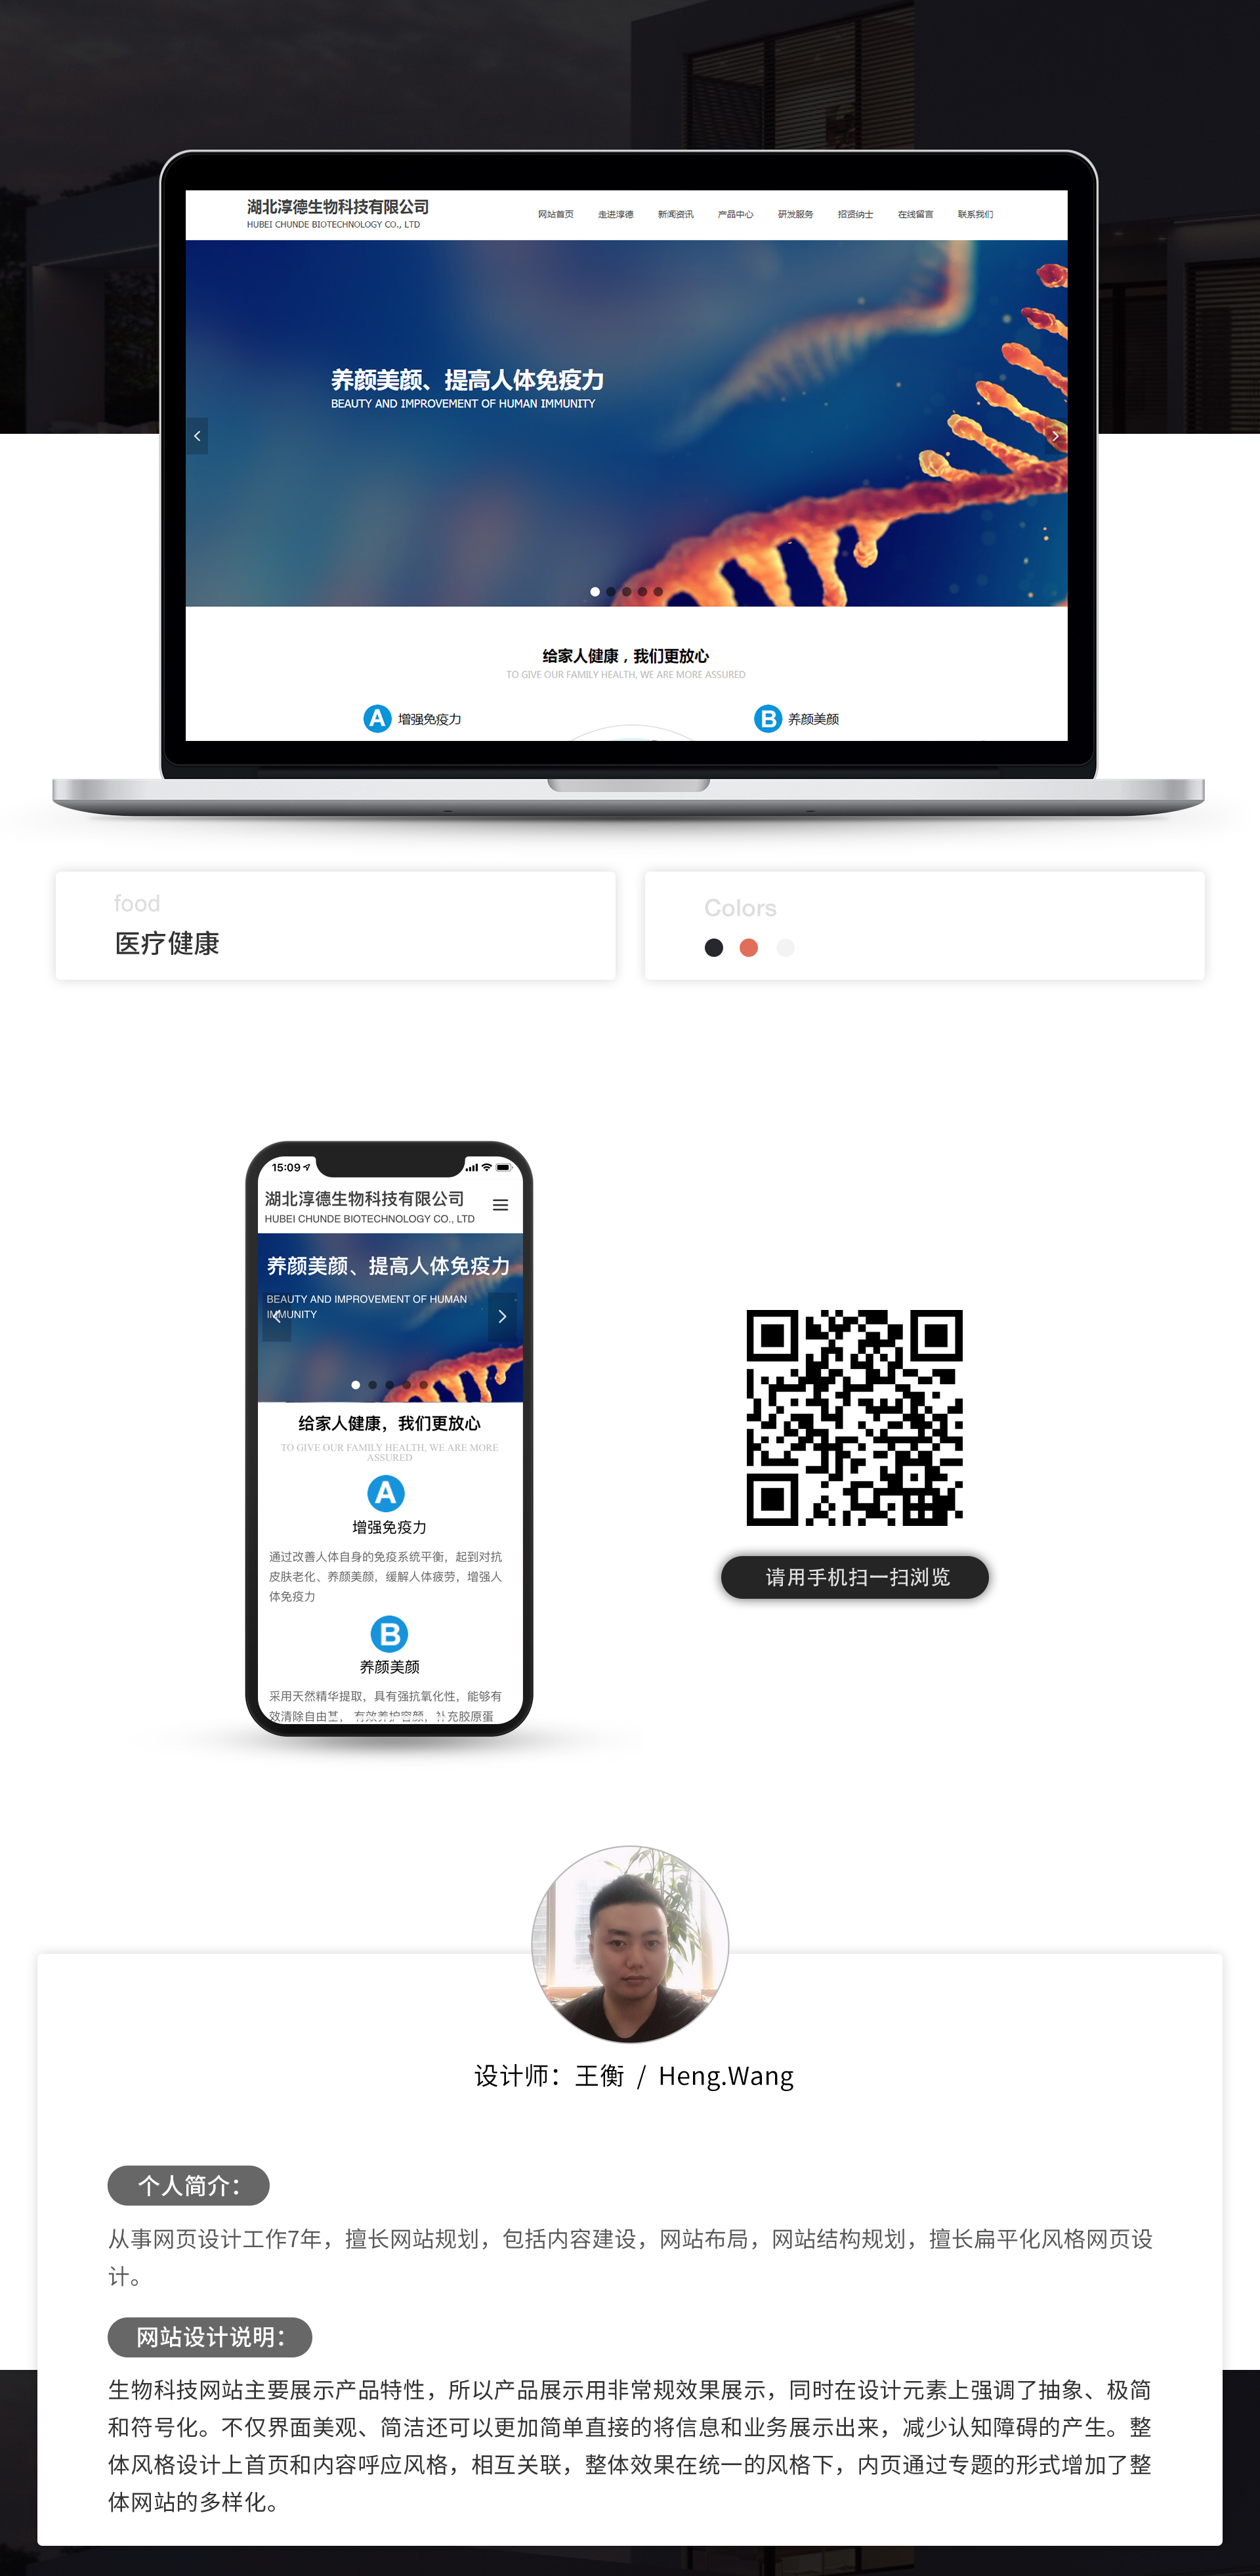 页面-王衡-王衡——湖北淳德生物科技有限公司_01